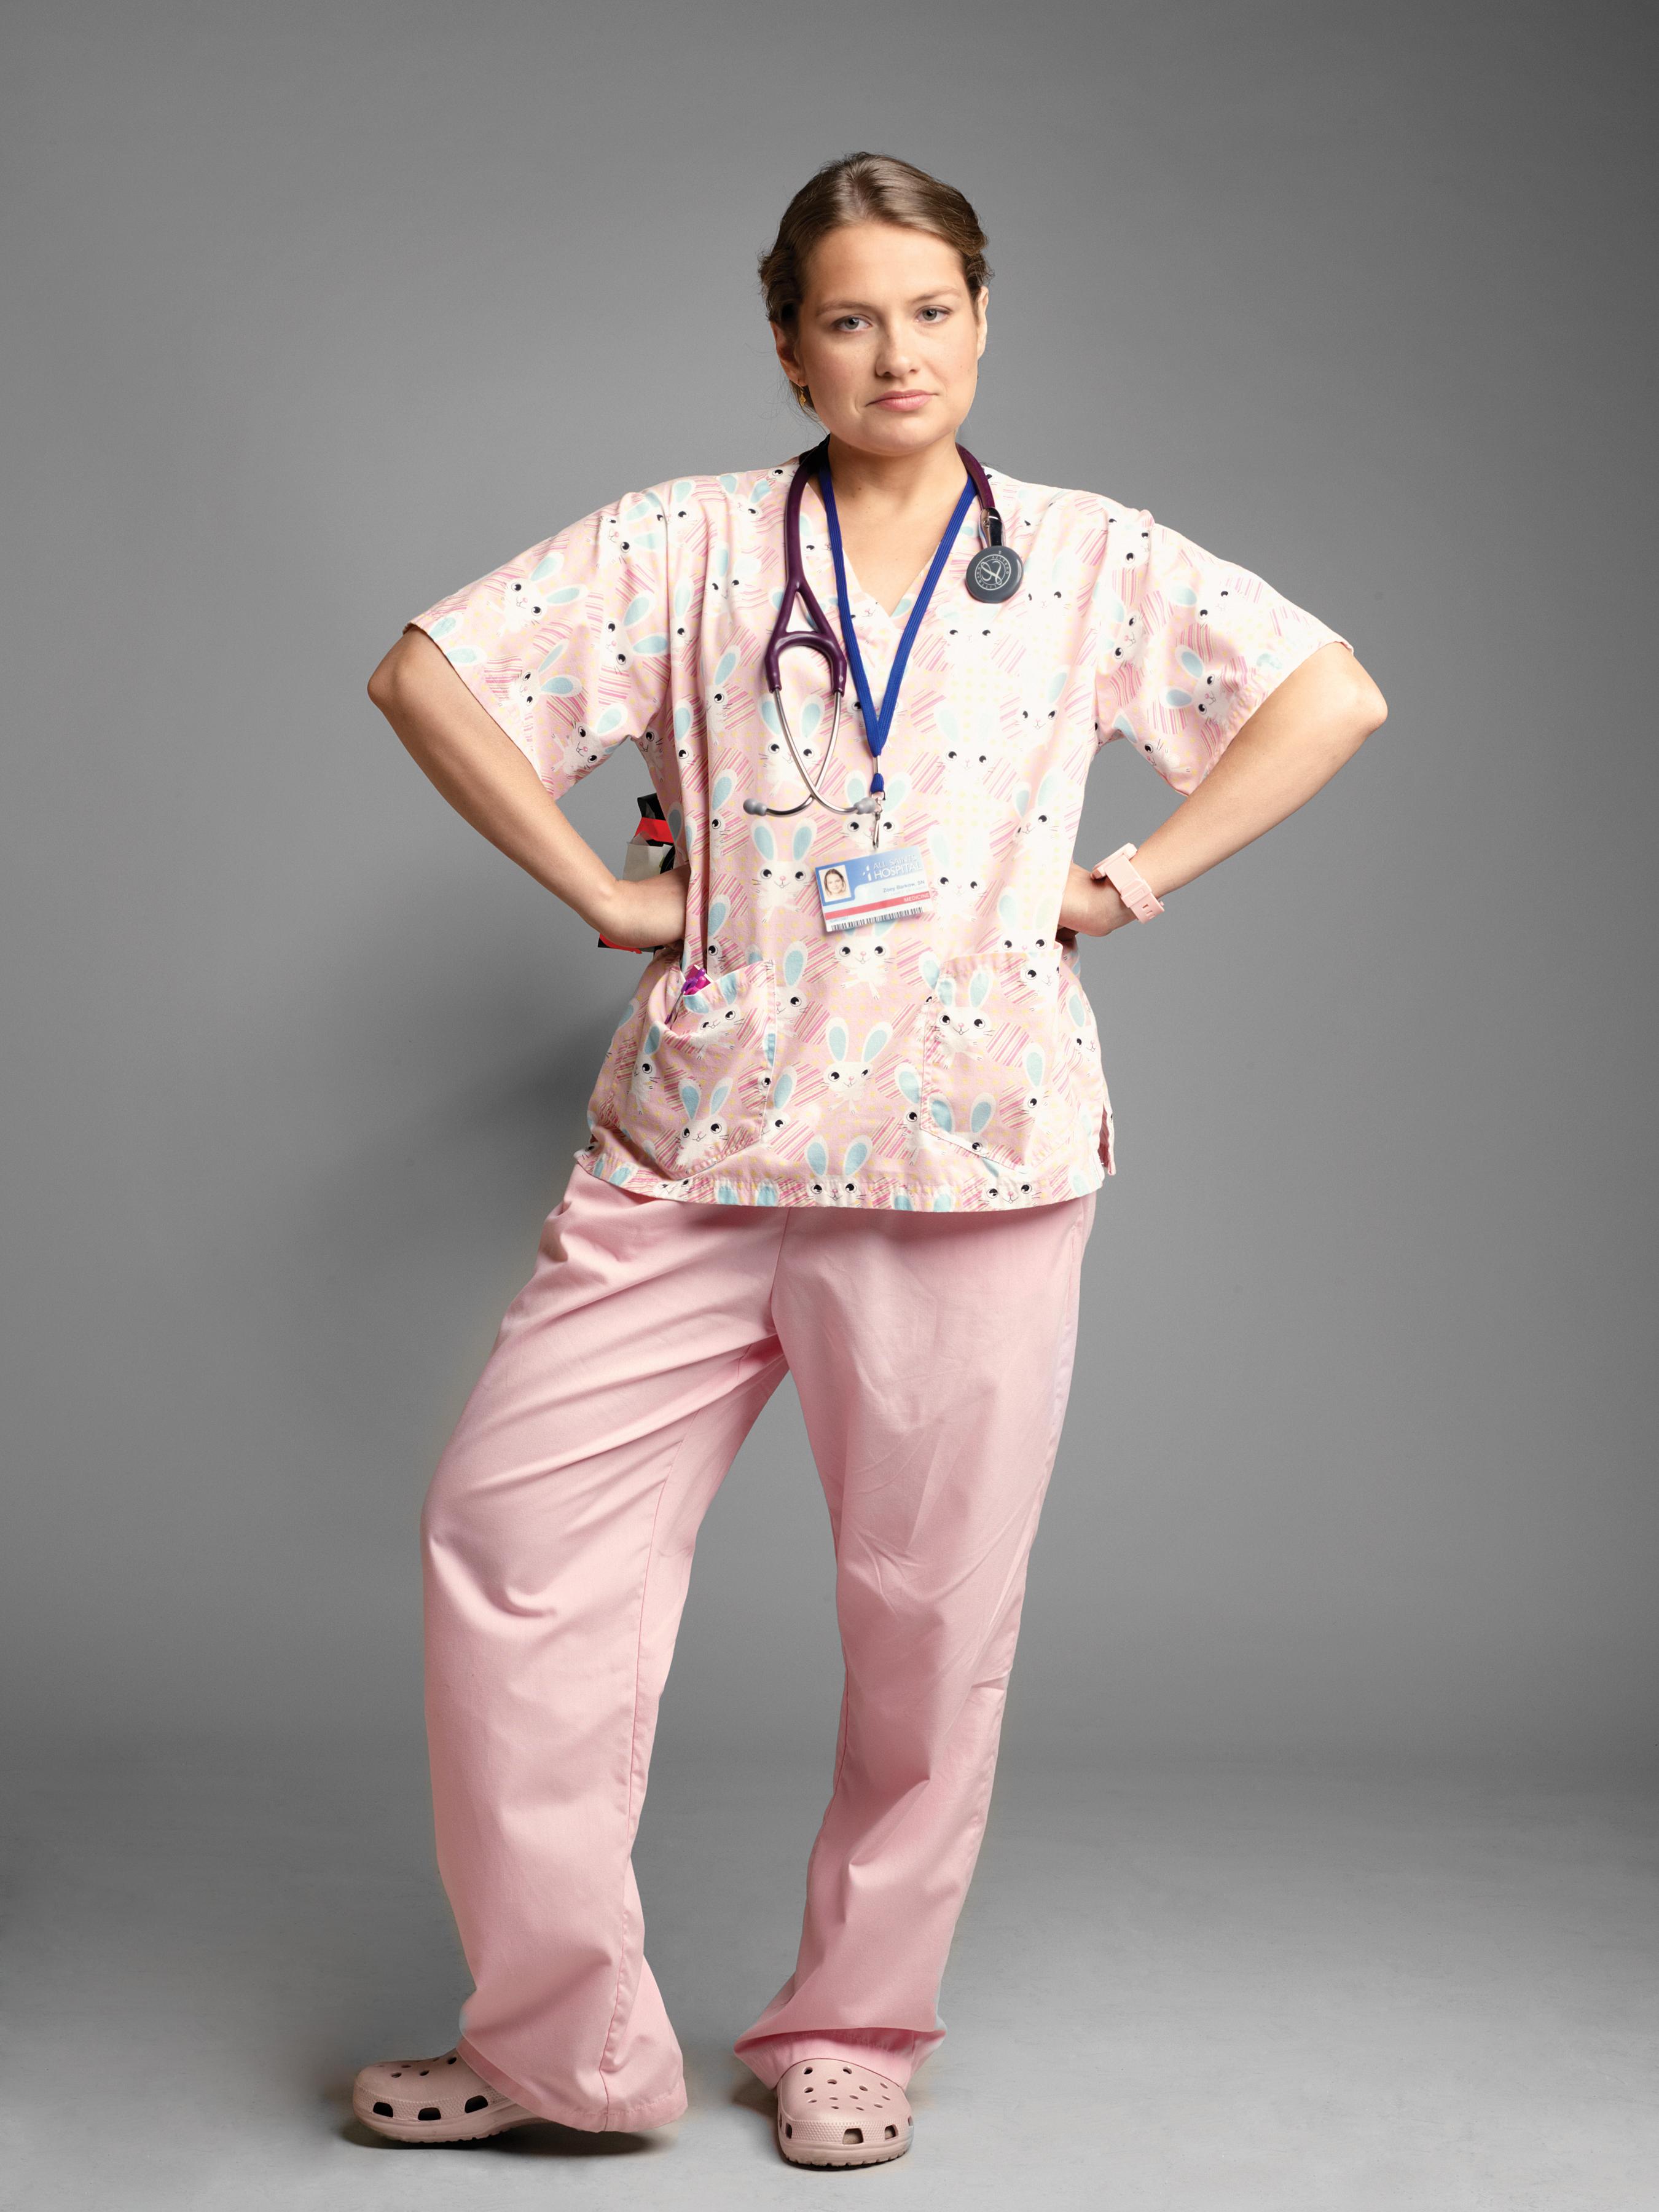 Nurse Jackie Nurse Jackie Photo Merritt Wever 102